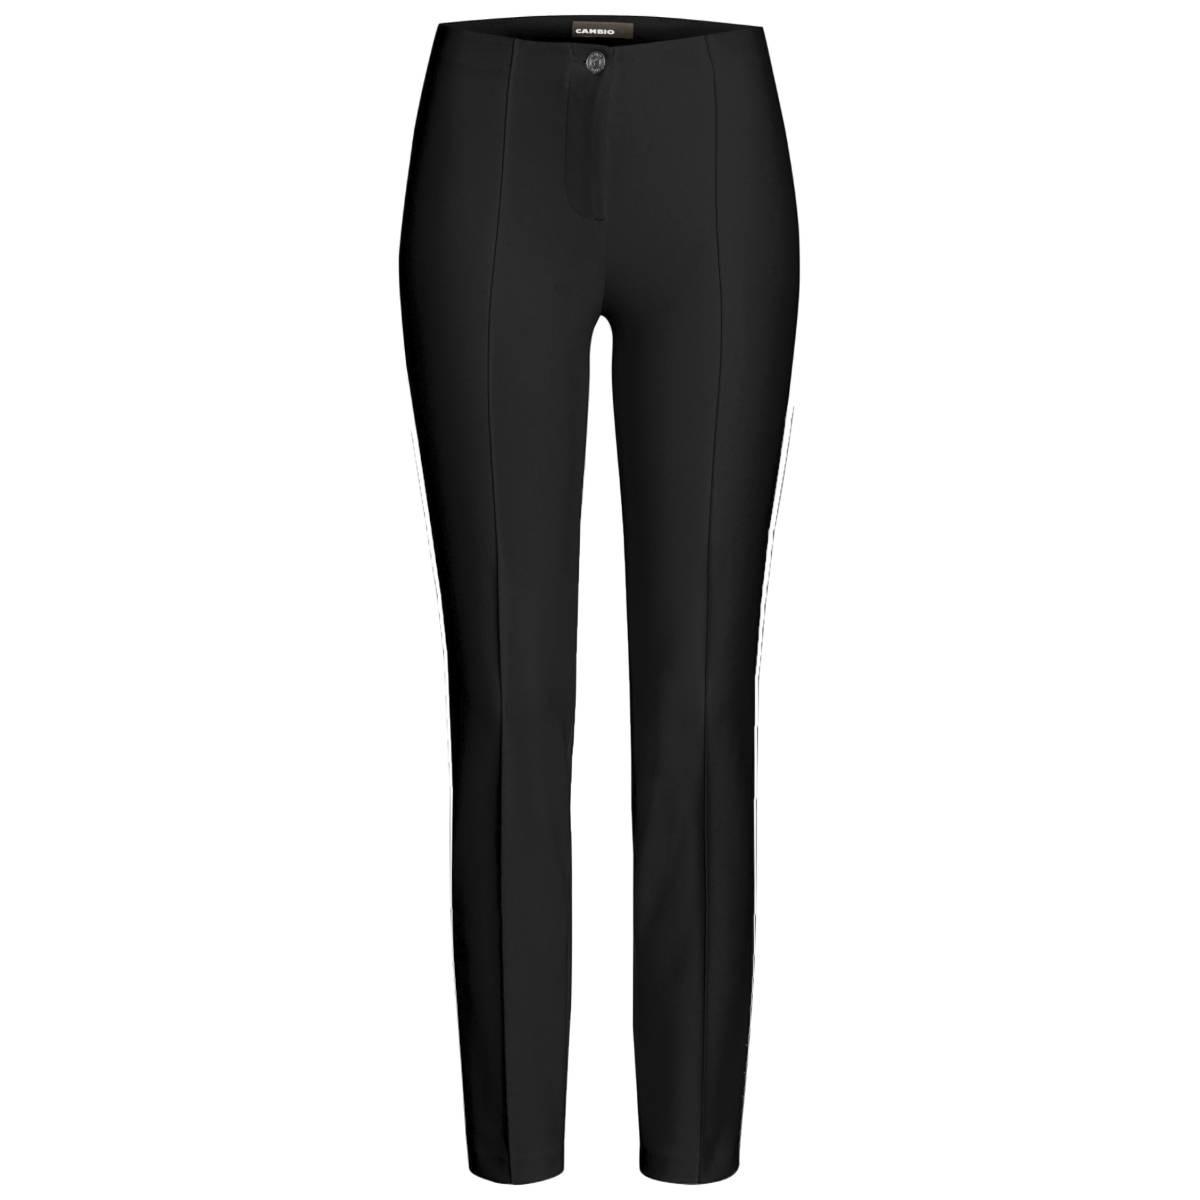 CAMBIO pantalon ros-3